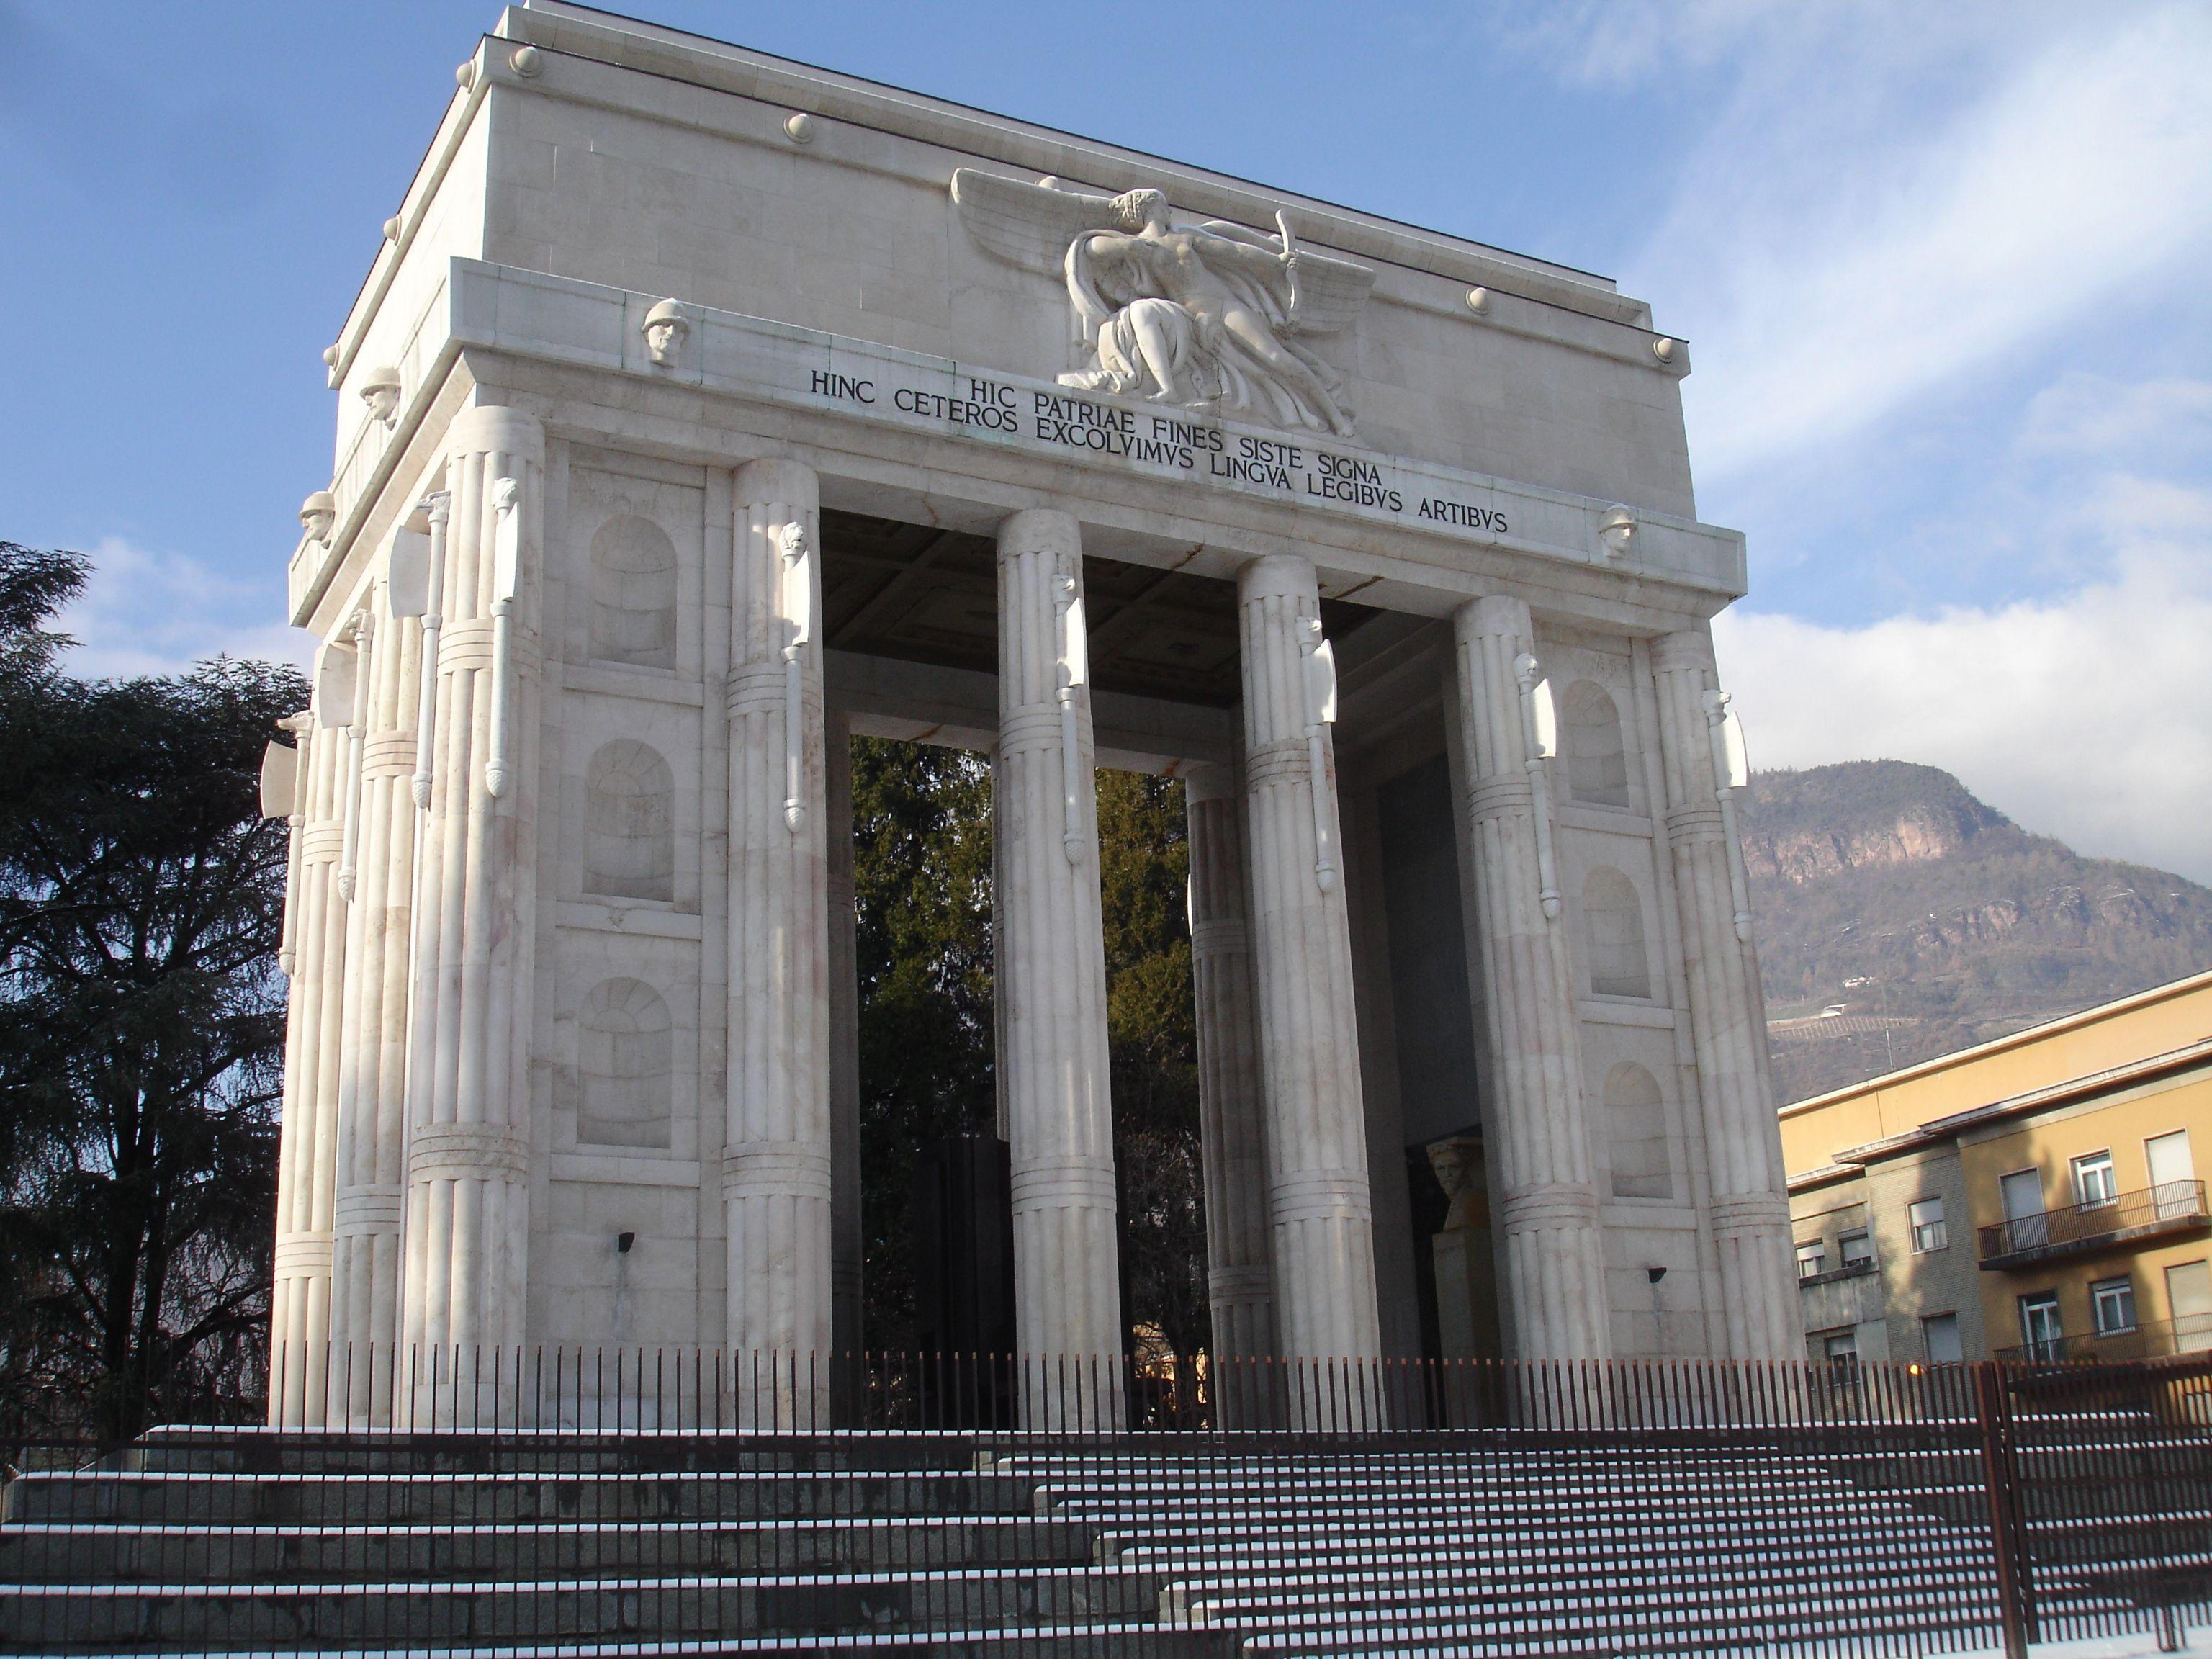 Monumenti D Italia Marcello Piacentini 1926 28 Monumento Alla Vittoria Bolzano Italy Photo By Tiziano Astolfi C 2012 Monumento Italia Monumenti